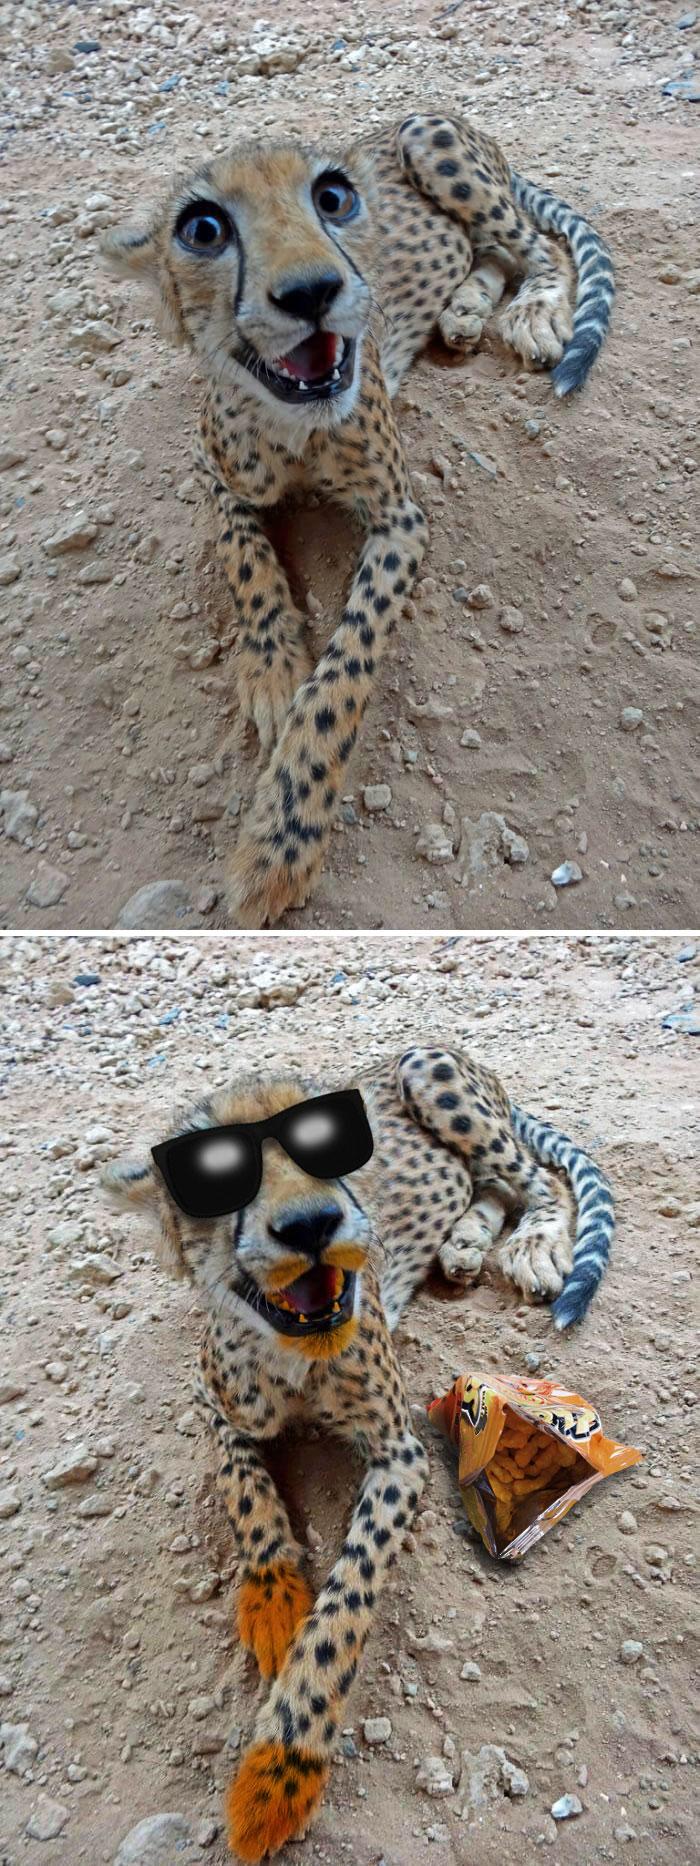 This Cheerful Cheetah